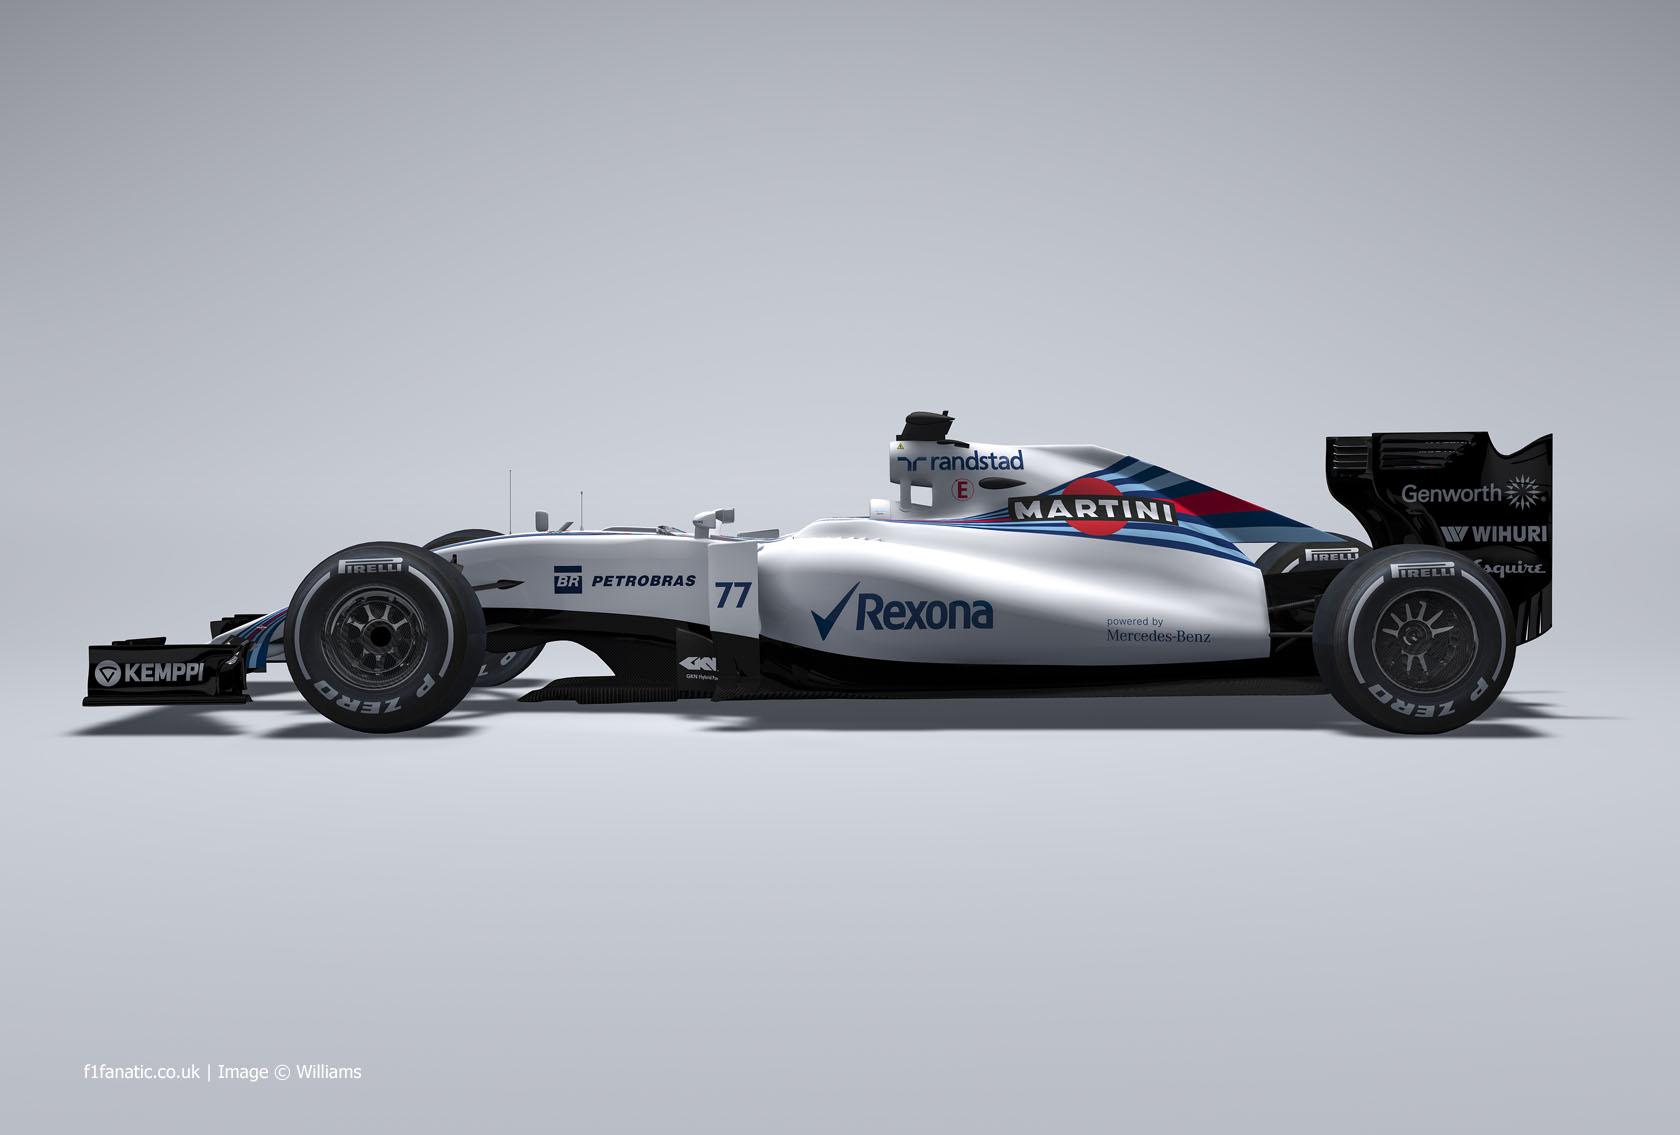 Williams FW37 image, 2015